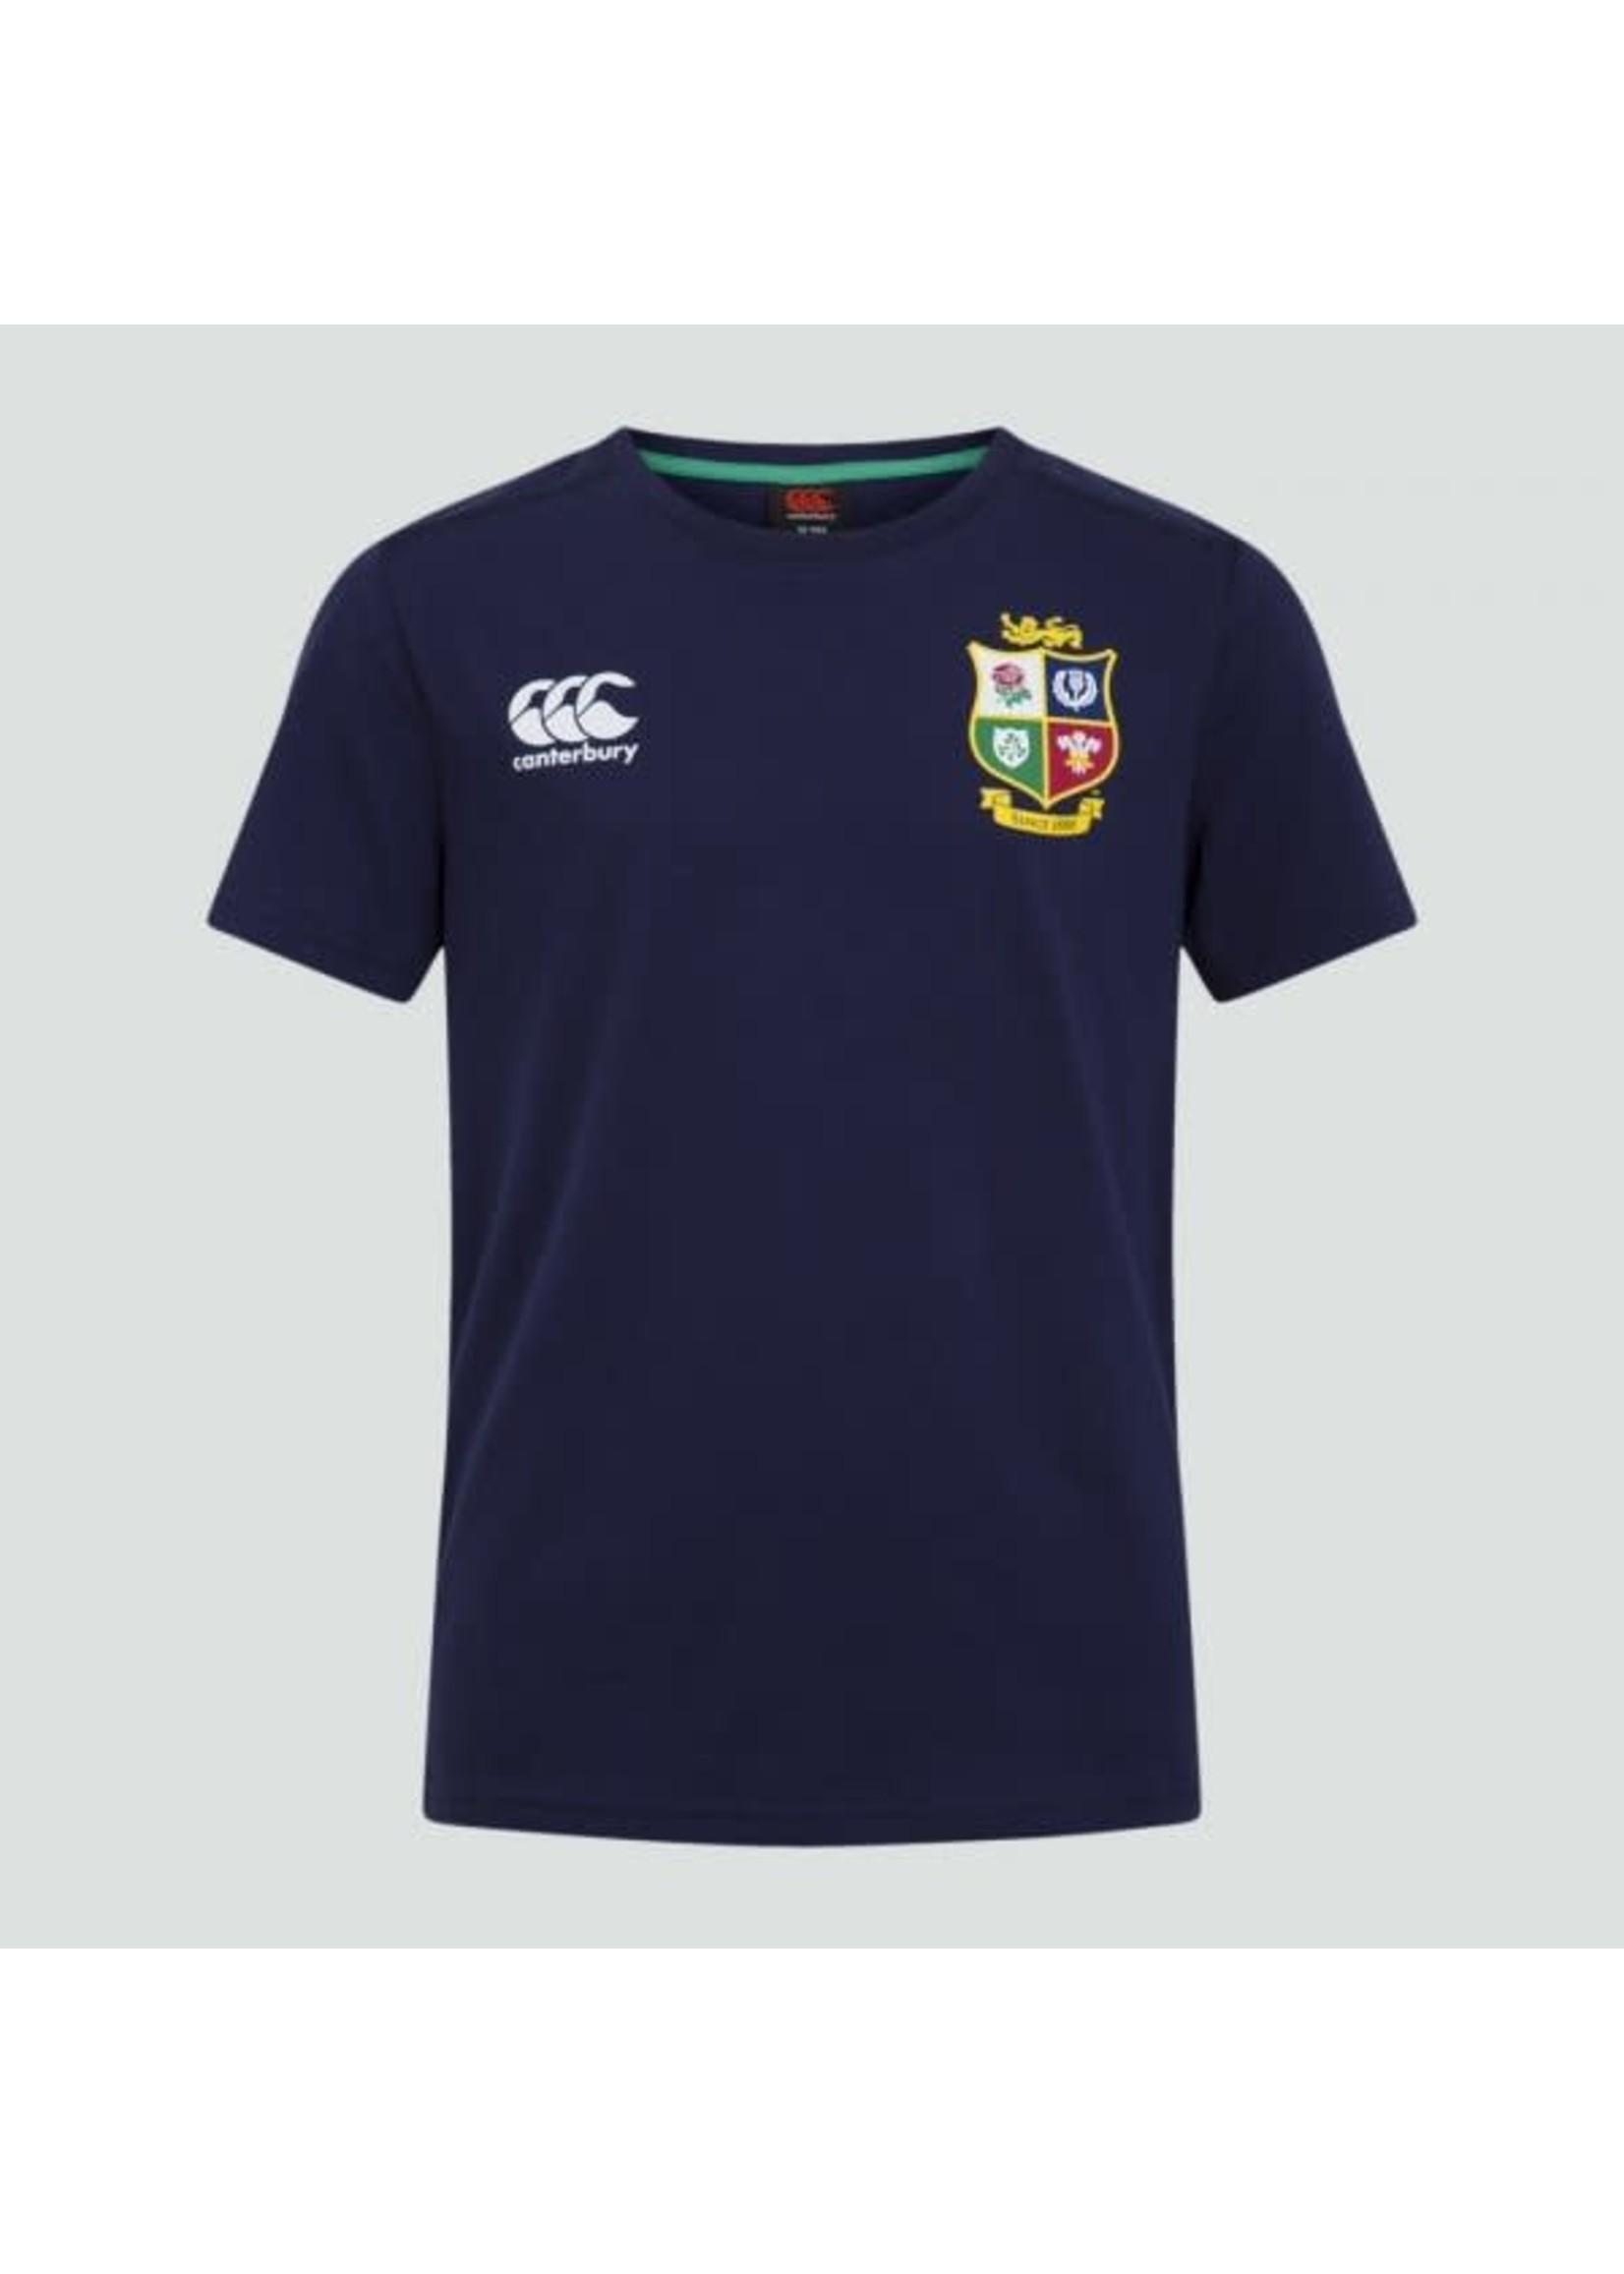 Canterbury British & Irish Lions - Junior Cotton Tee (2021) - Navy